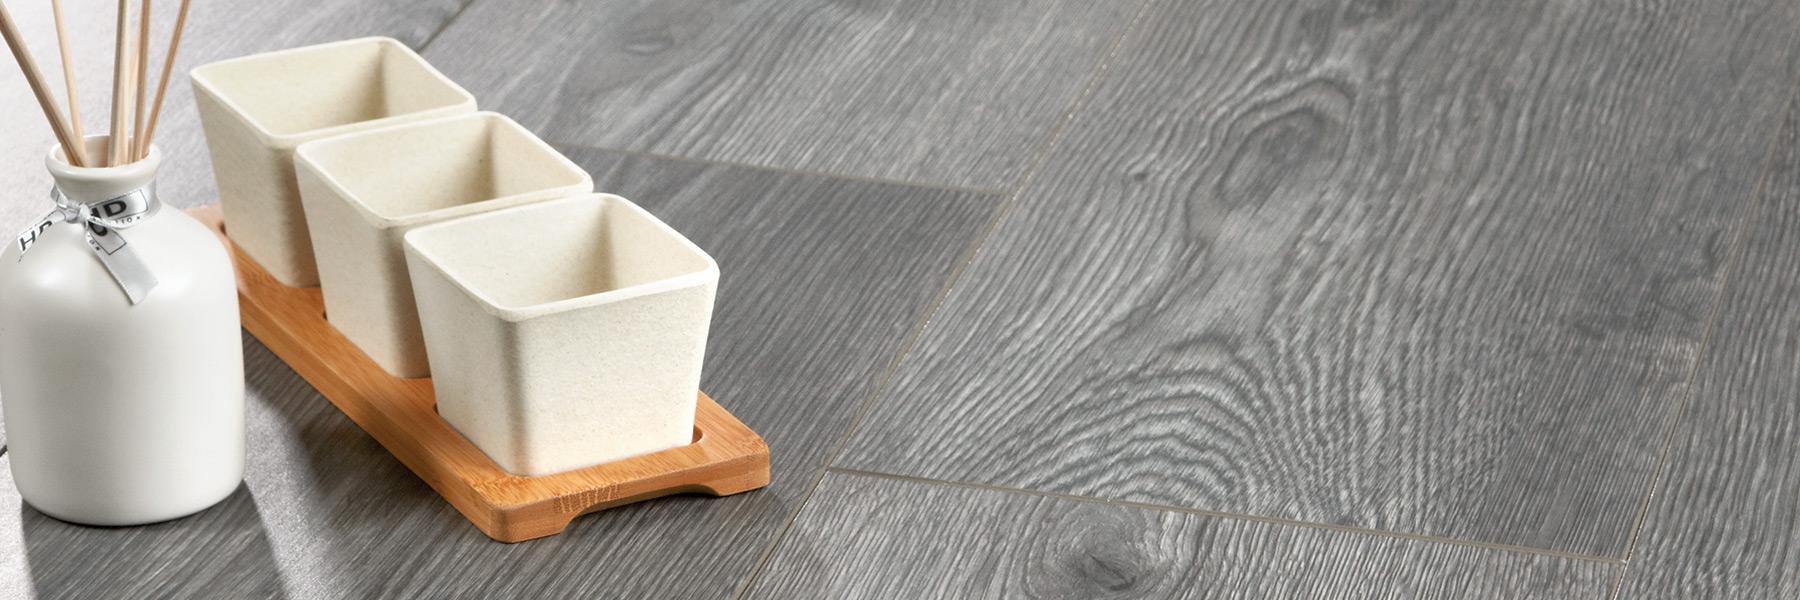 Salle De Bain Revetement sols imperméables - sol pour salles de bains et pièces